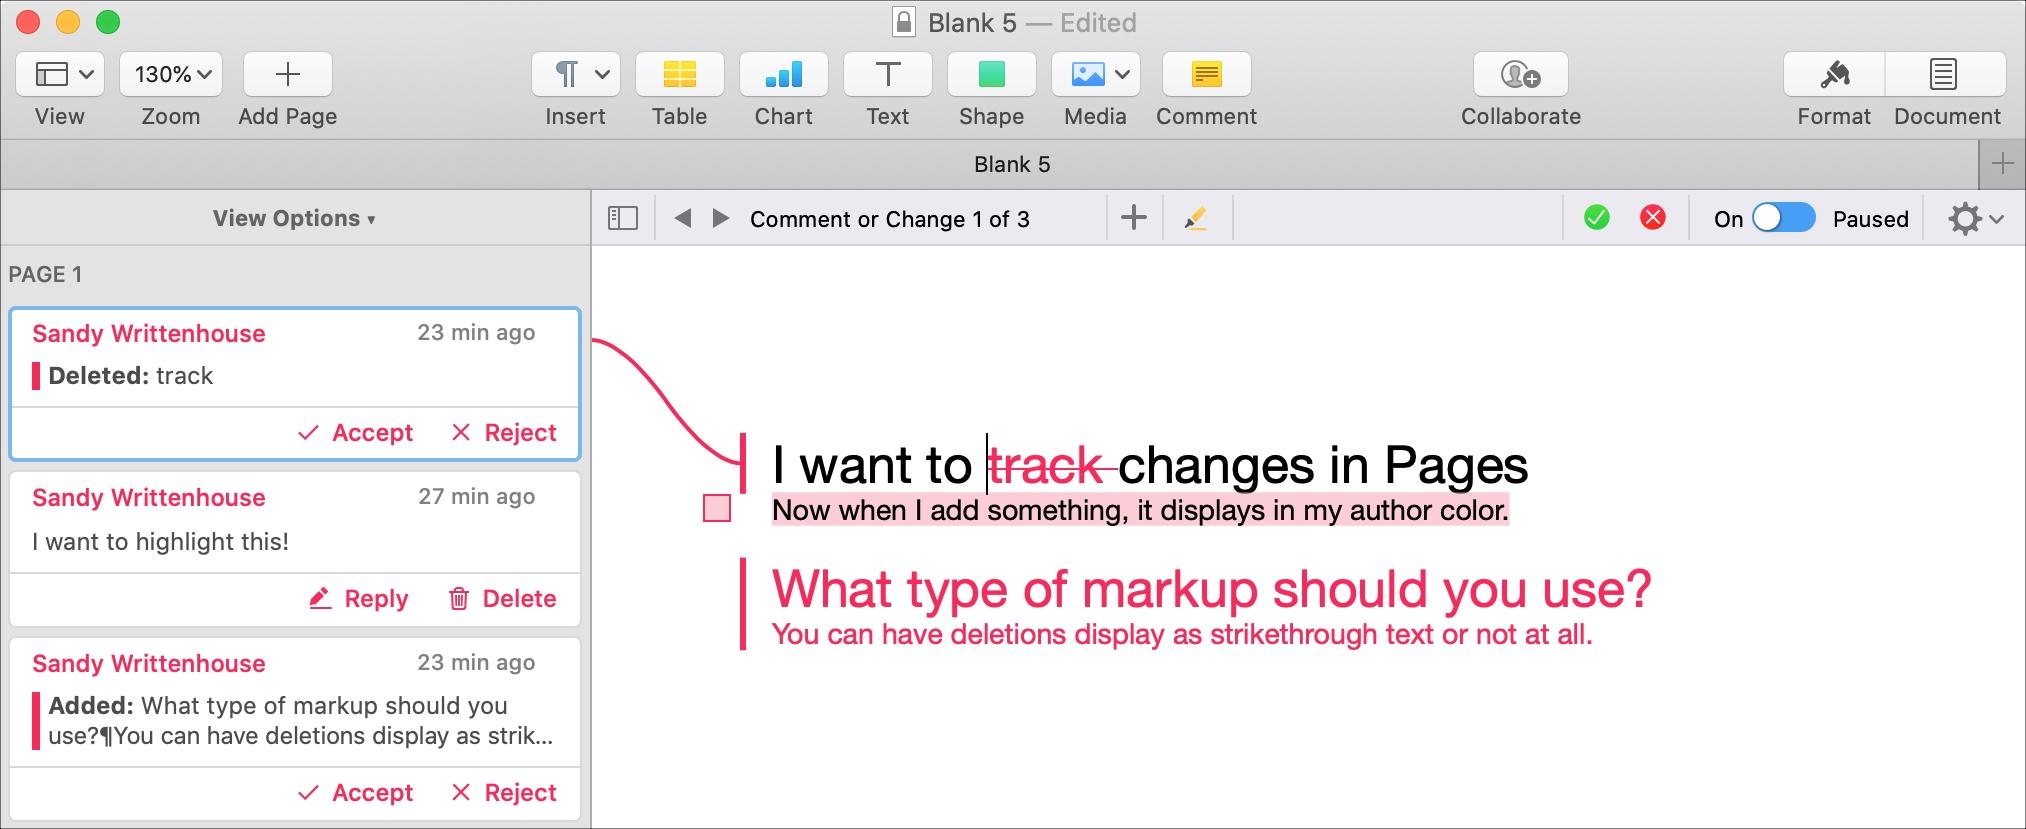 Stránky pre Mac Komentáre a zmeny Panel Pripojiť